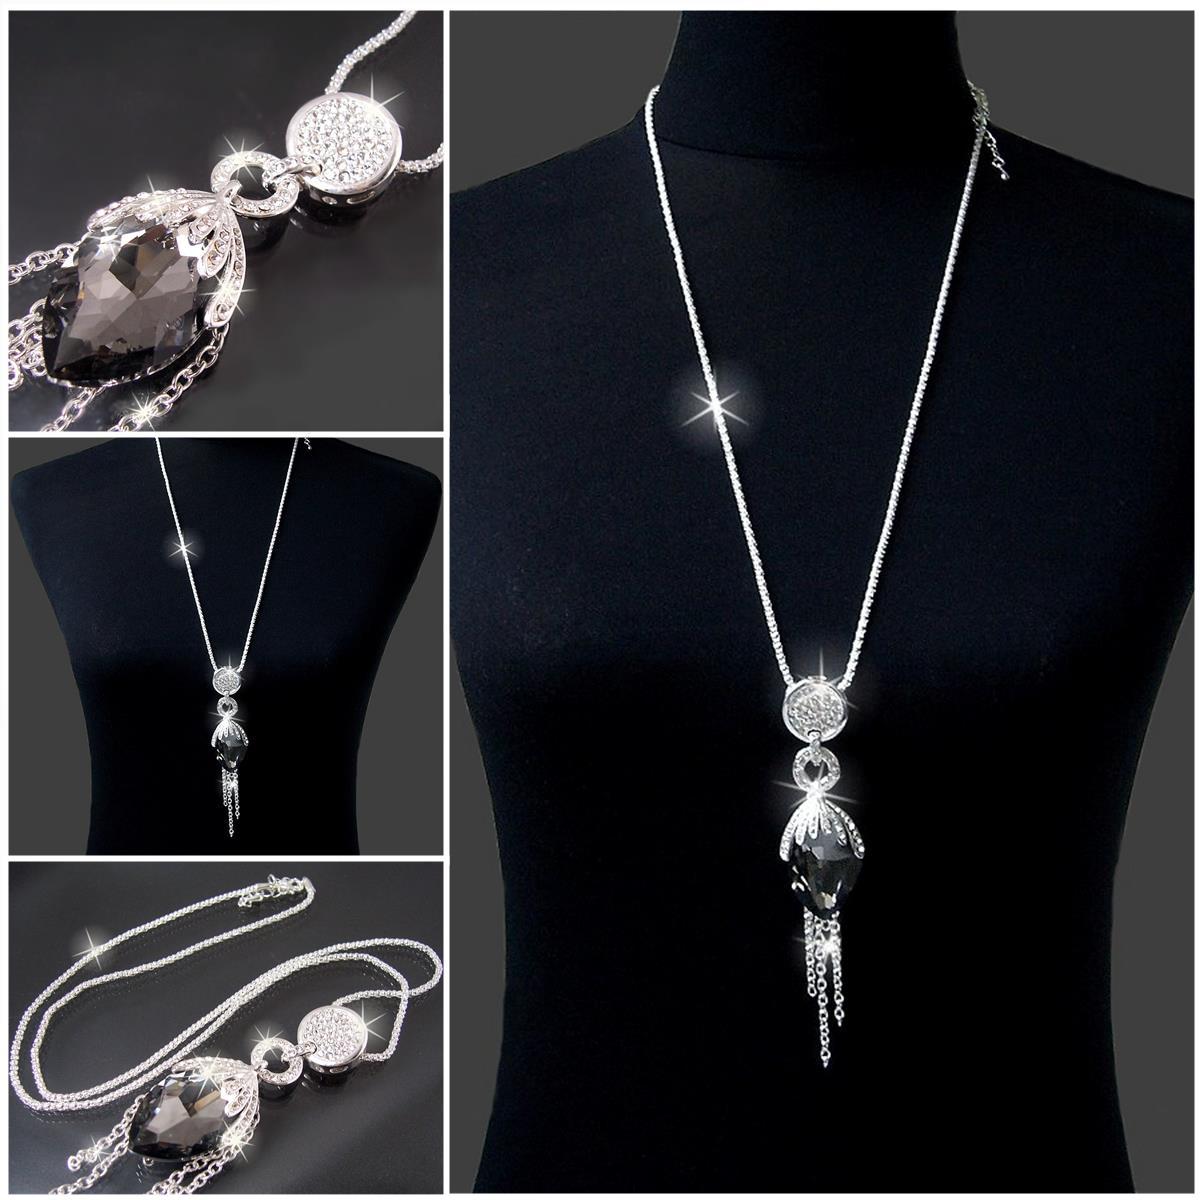 Modeschmuck kette silber  xxl Halskette Silber Kette mit Anhänger Strass Zirkonia Mode ...